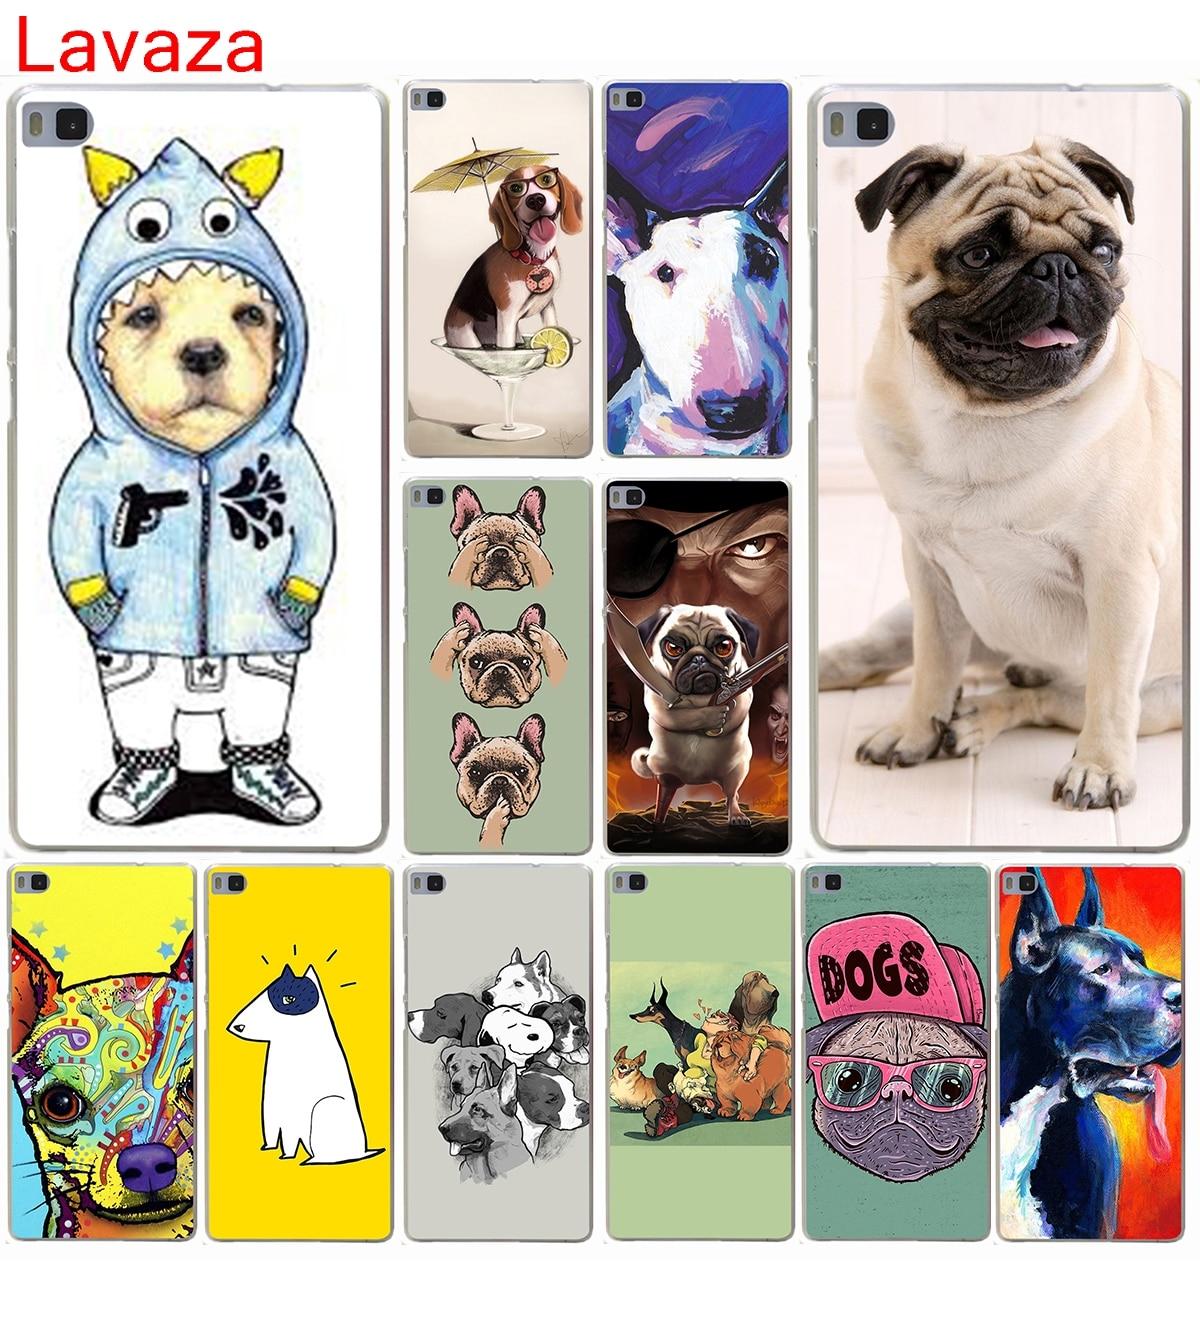 Lavaza Татуированная бультерьер милая собака biaoqing футляр для Huawei P10 p9 P8 Lite P10 p9 плюс P6 P7 G7 и Honor 6 7 8 Lite 4c 4x